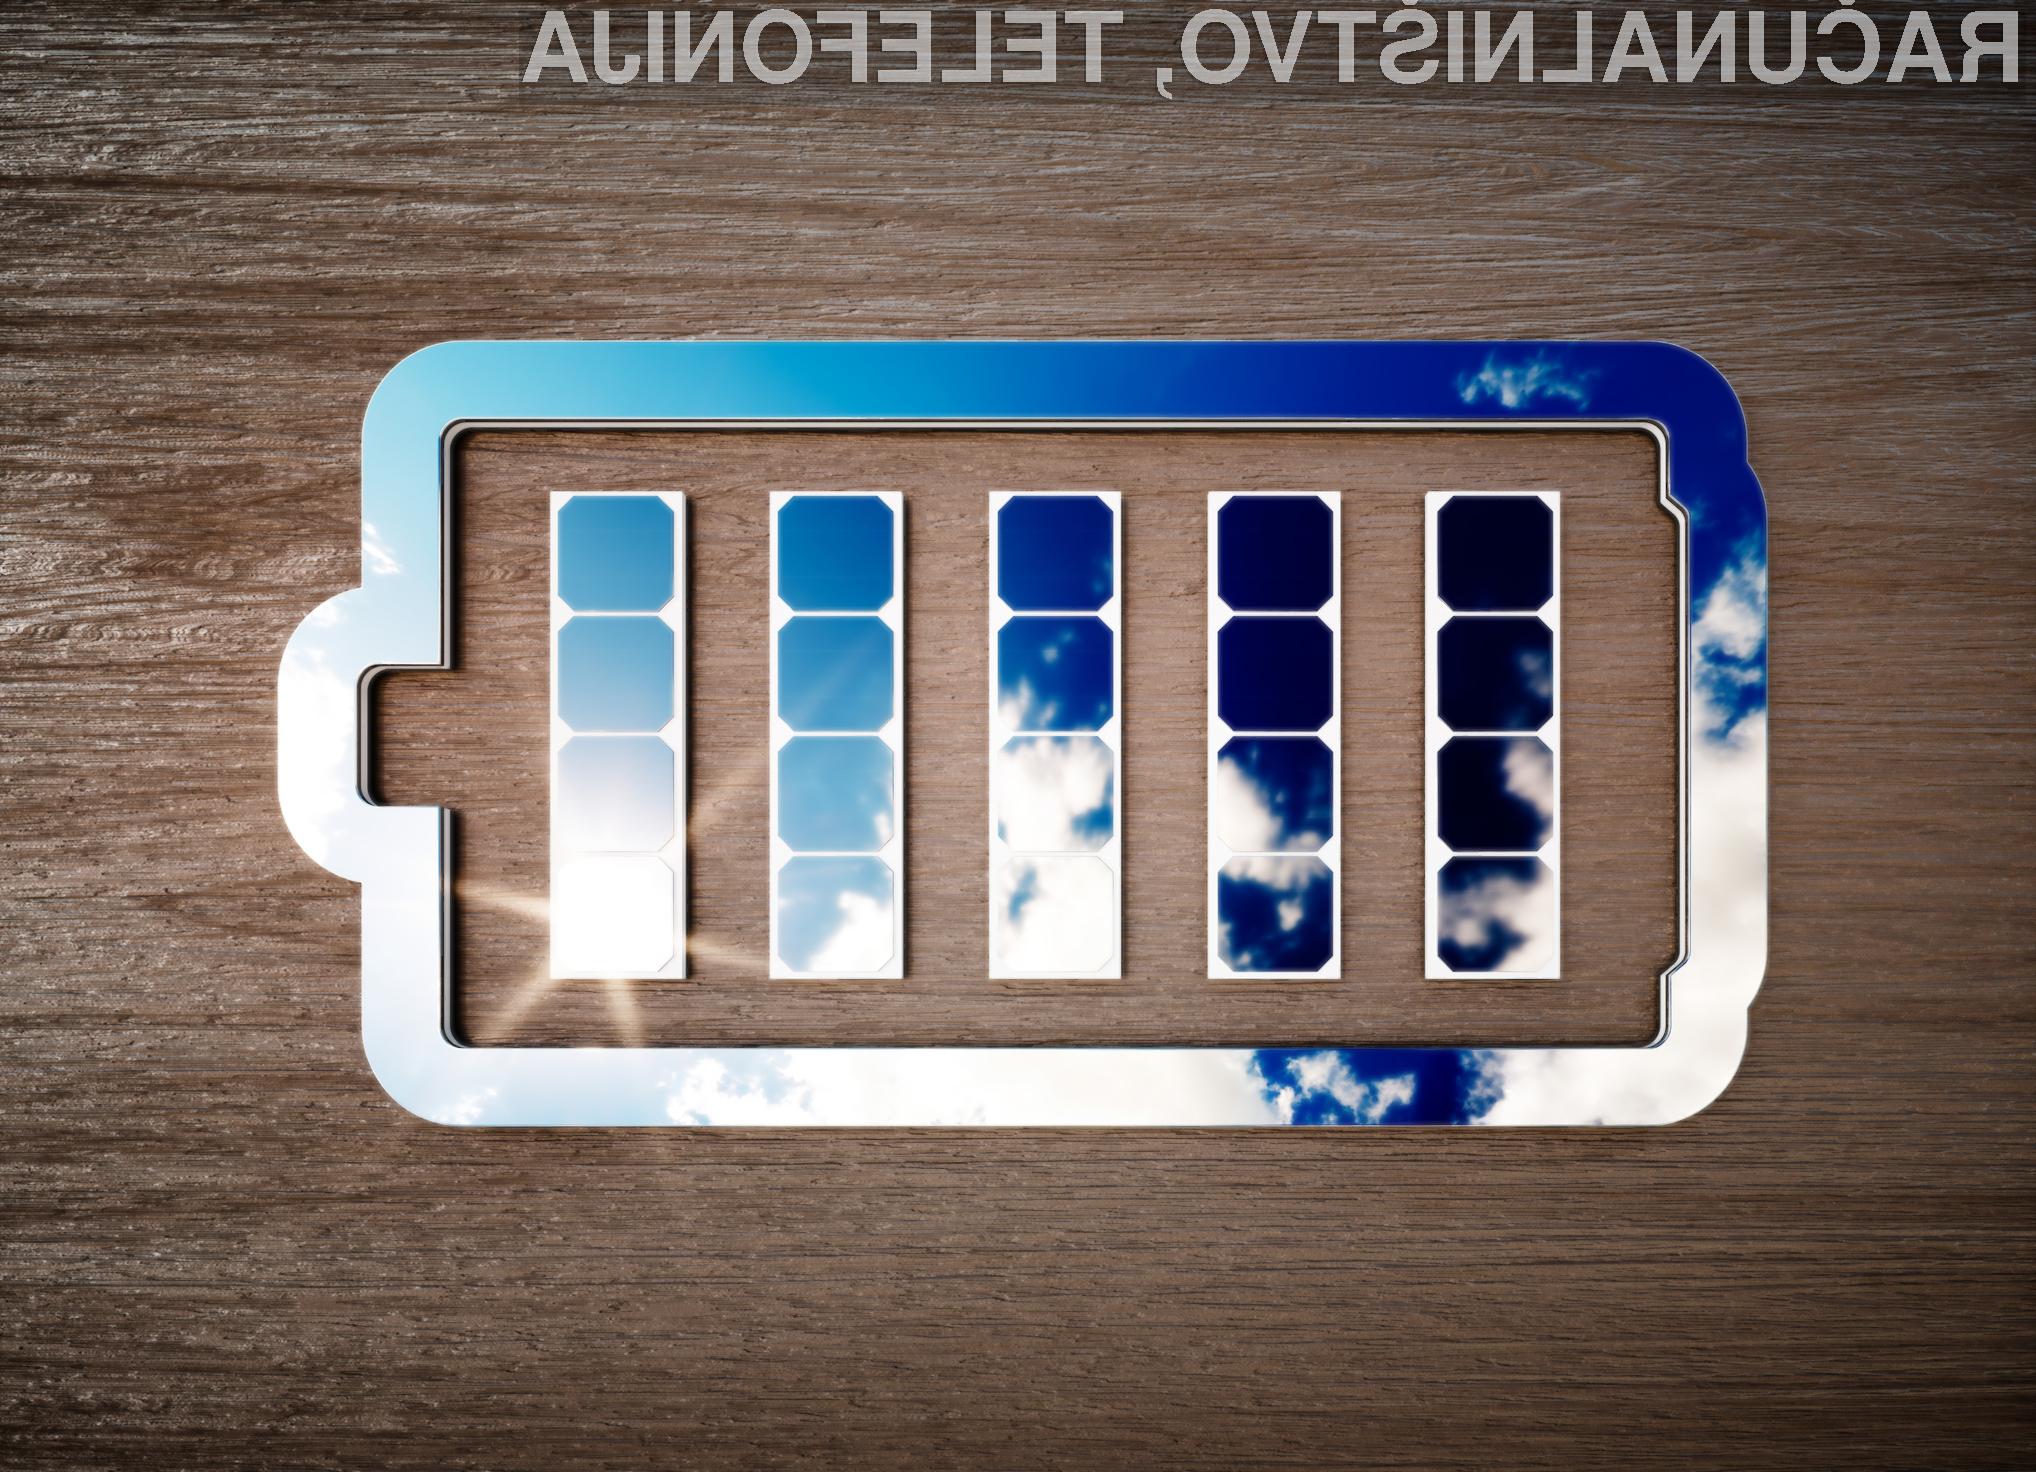 Sončne celice bi lahko kmalu kar prišili na priljubljeno oblačilo in z njimi polnili naše mobilne naprave.